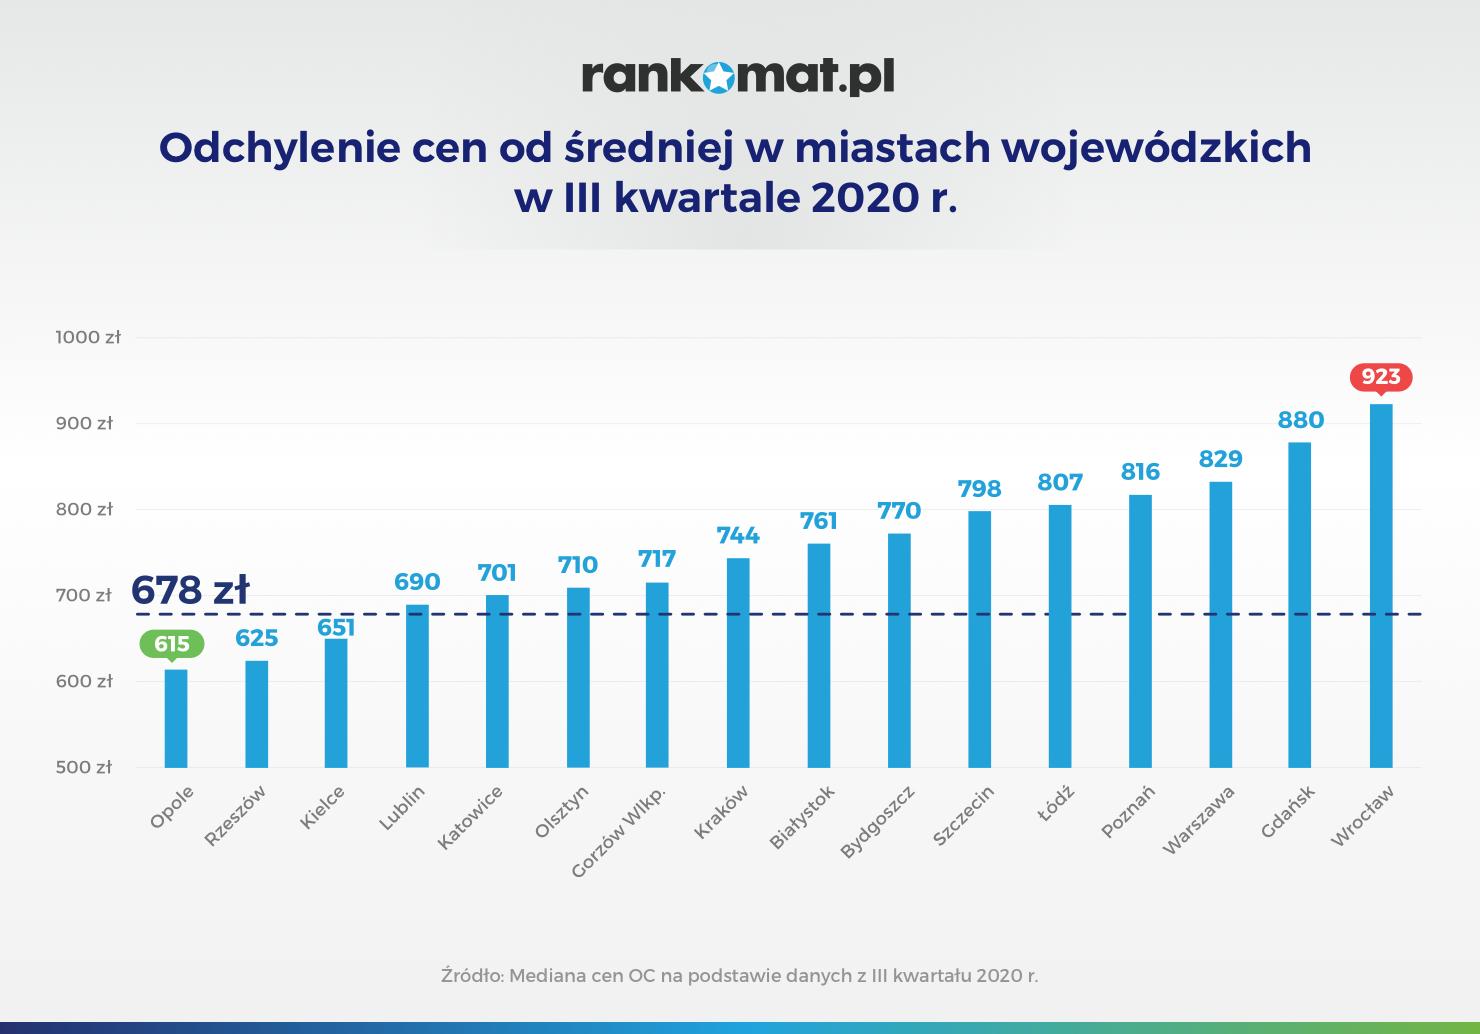 Odchylenie cen od średniej w miastach wojewódzkich w III kwartale 2020 r_v1